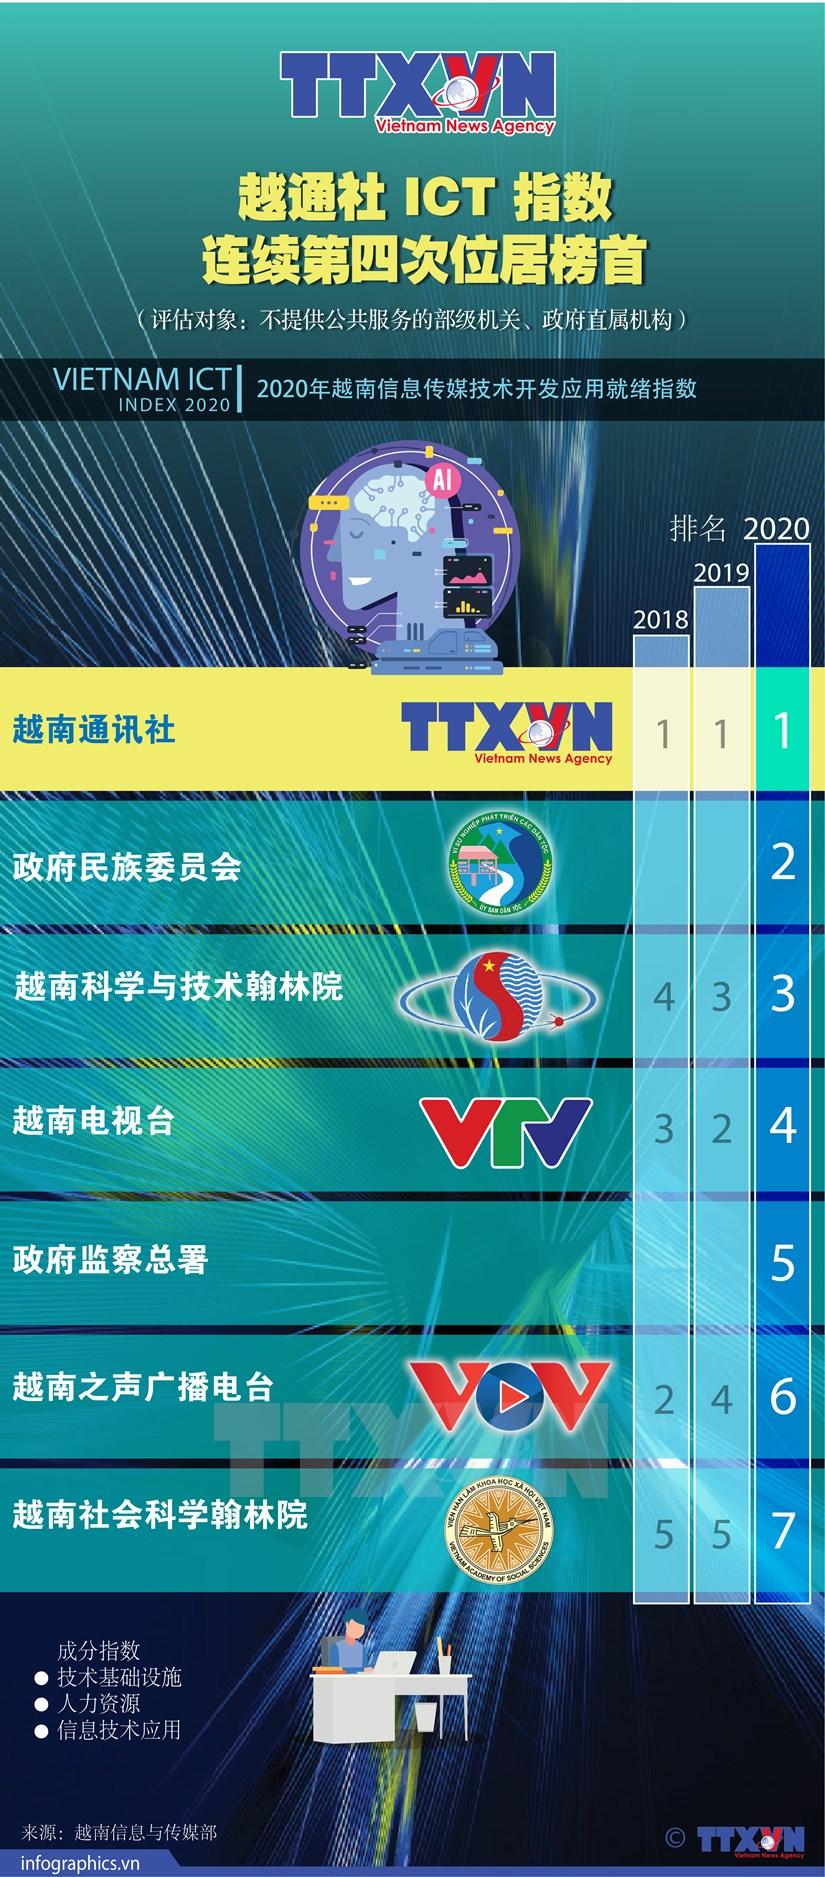 图表新闻:越通社 ICT 指数连续第四次位居榜首 hinh anh 1